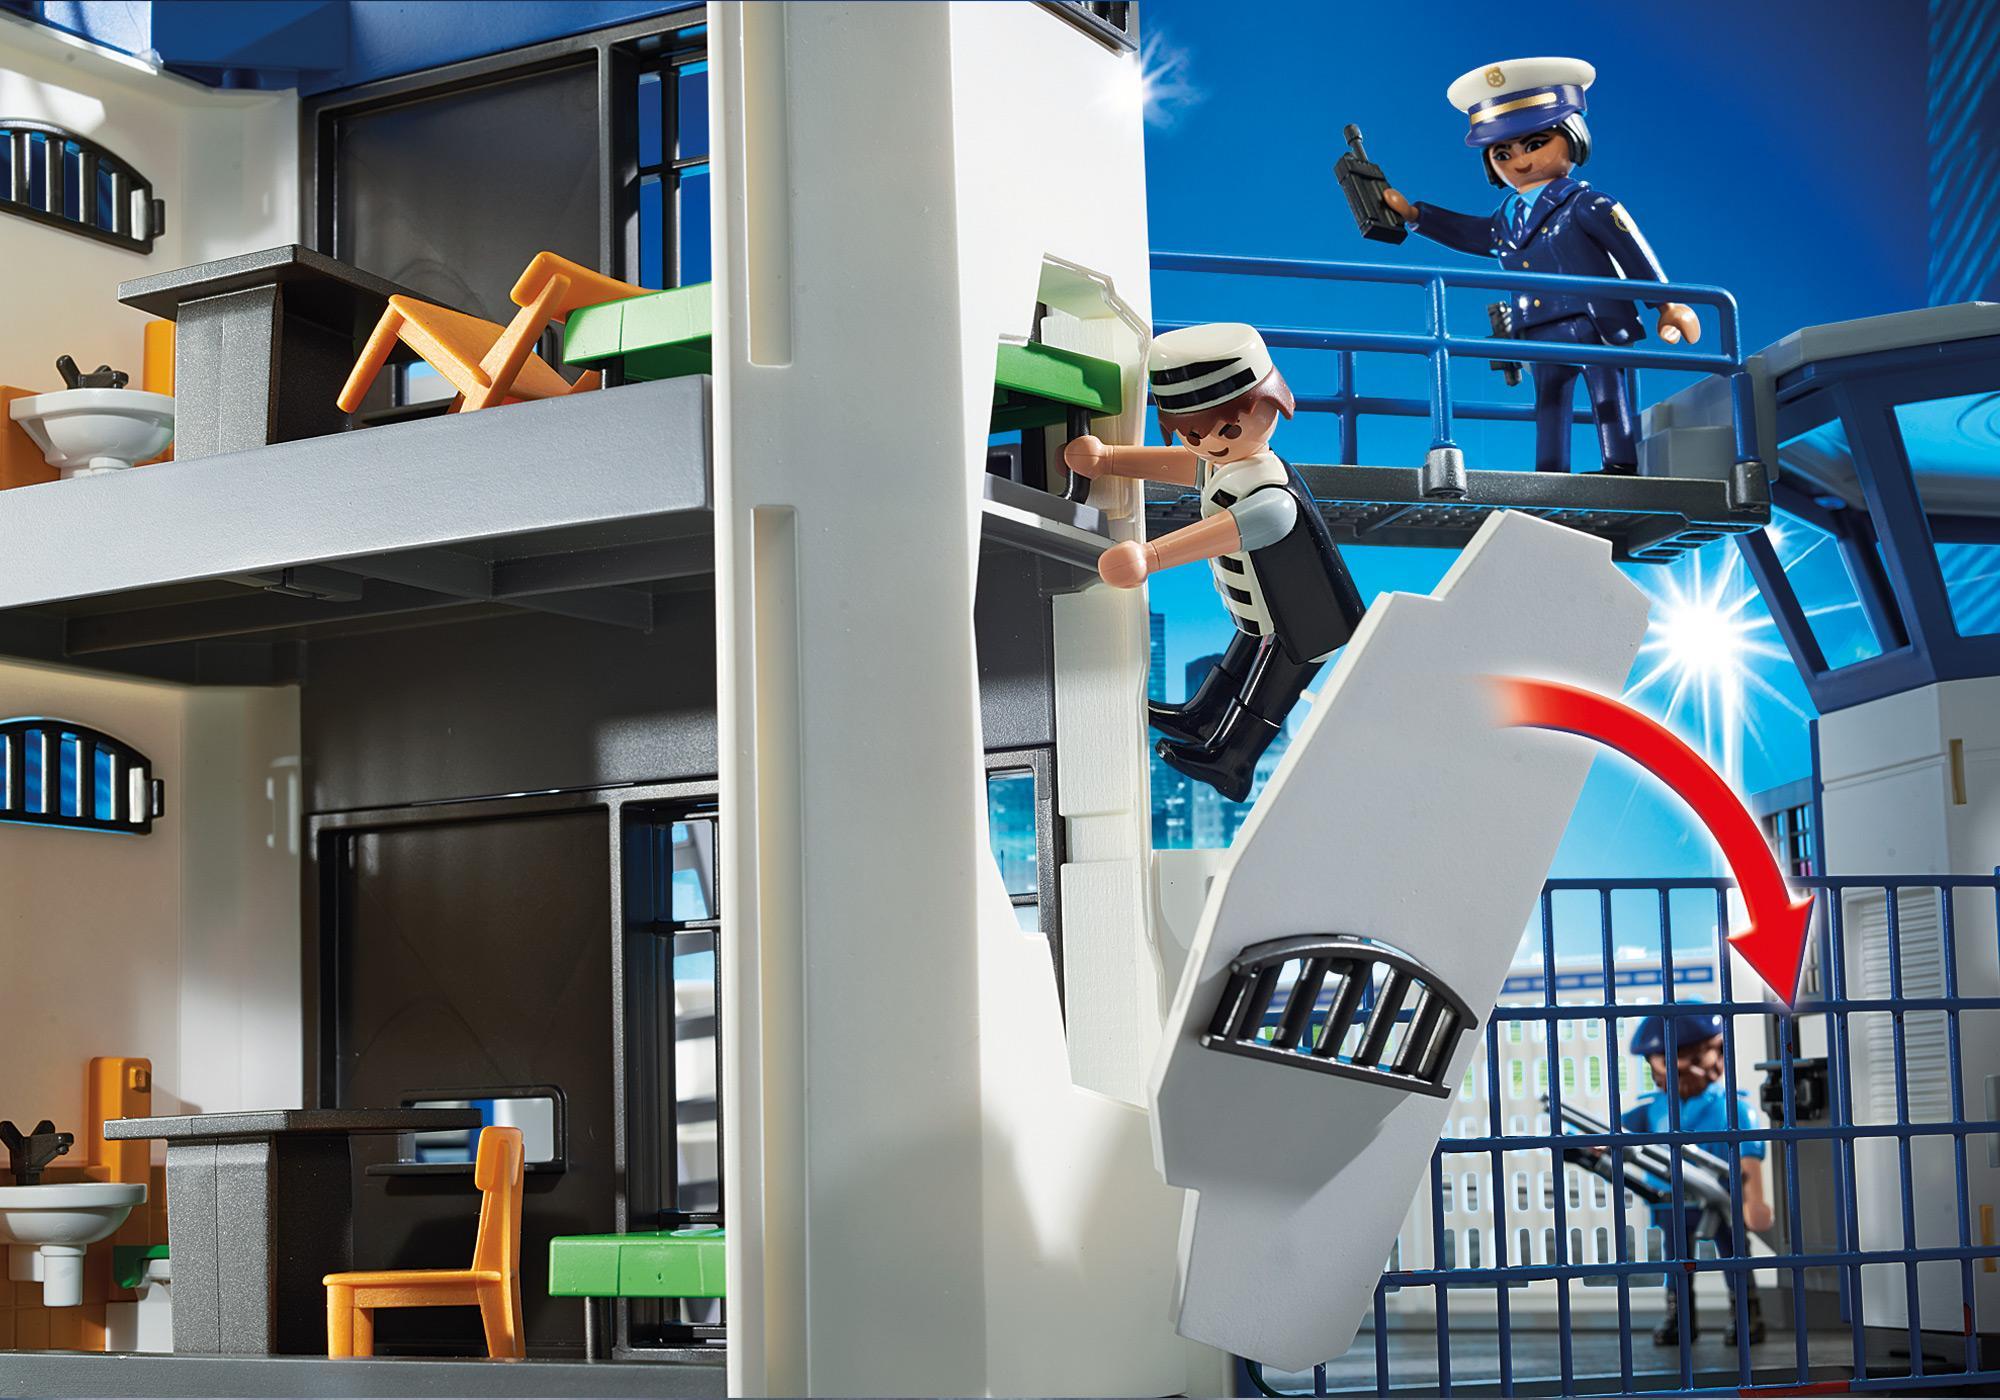 http://media.playmobil.com/i/playmobil/6919_product_extra1/Esquadra da Polícia com prisão